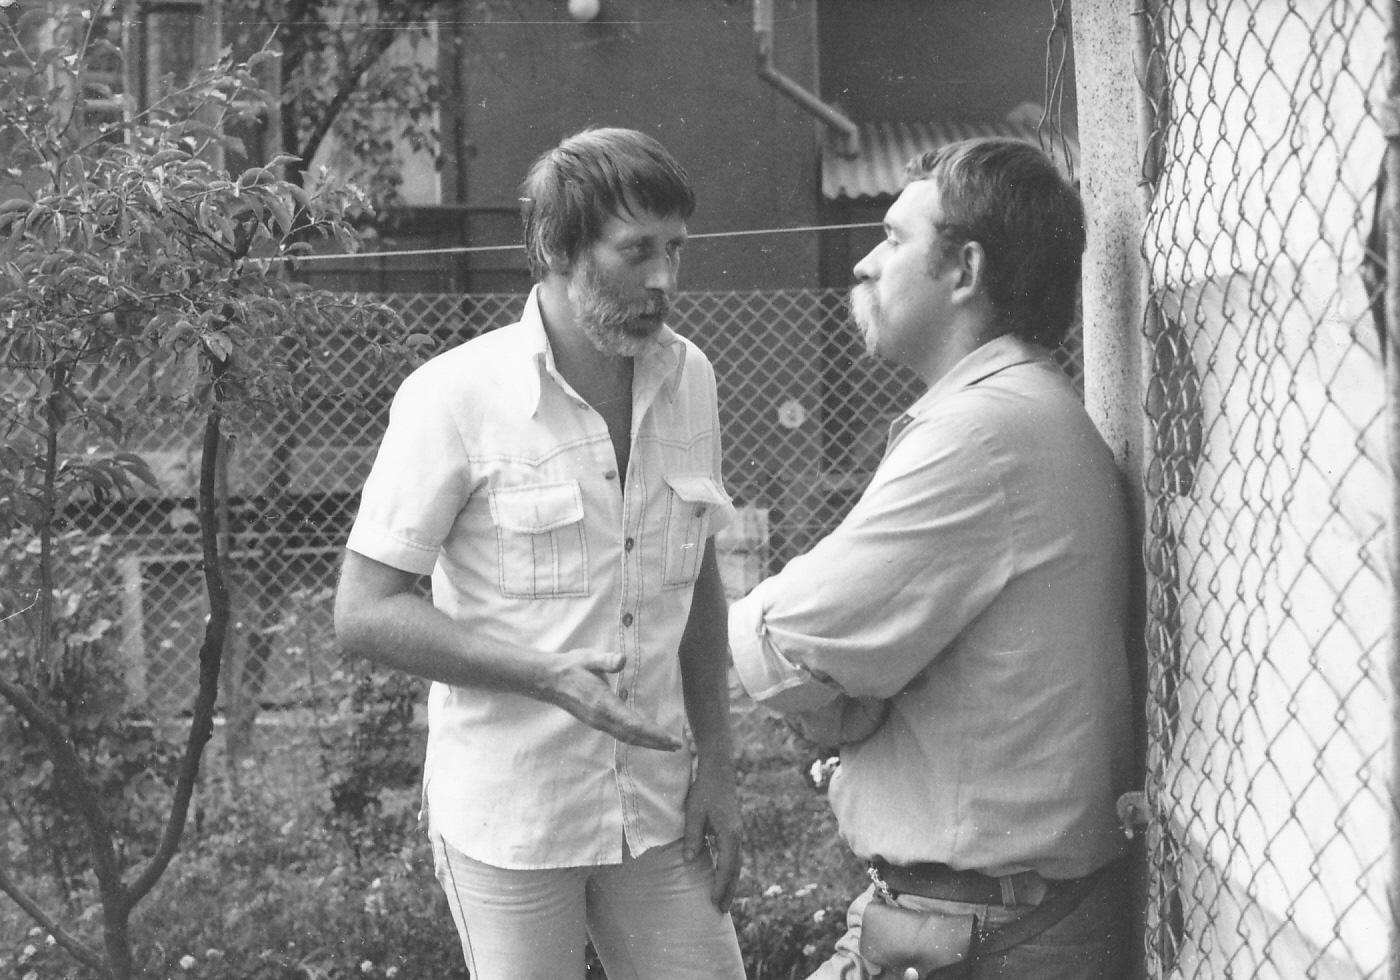 Dárday István rendező és Pap Ferenc operatőr az <em>Átváltozás</em> (Dárday István, Szalai Györgyi. 1983) forgatásán